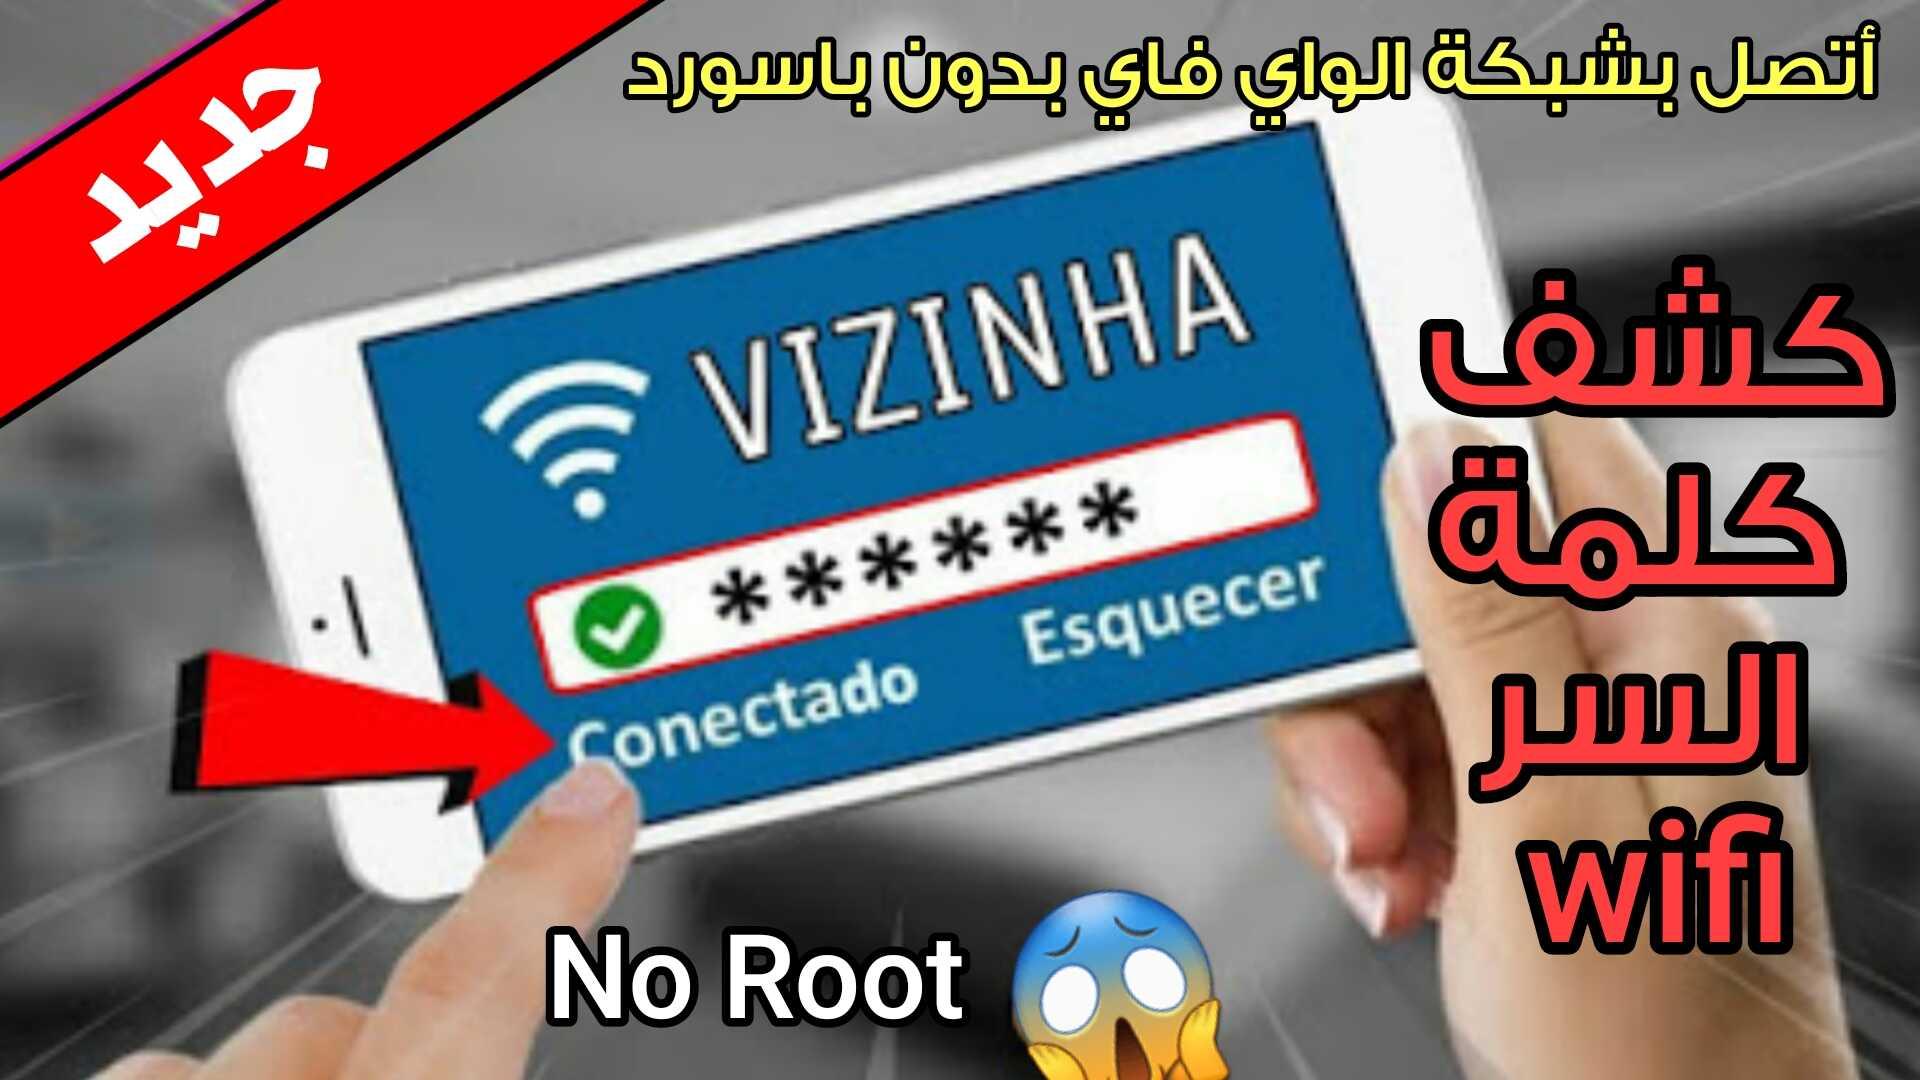 كشف كلمة السر wifi والأتصال بها 2021